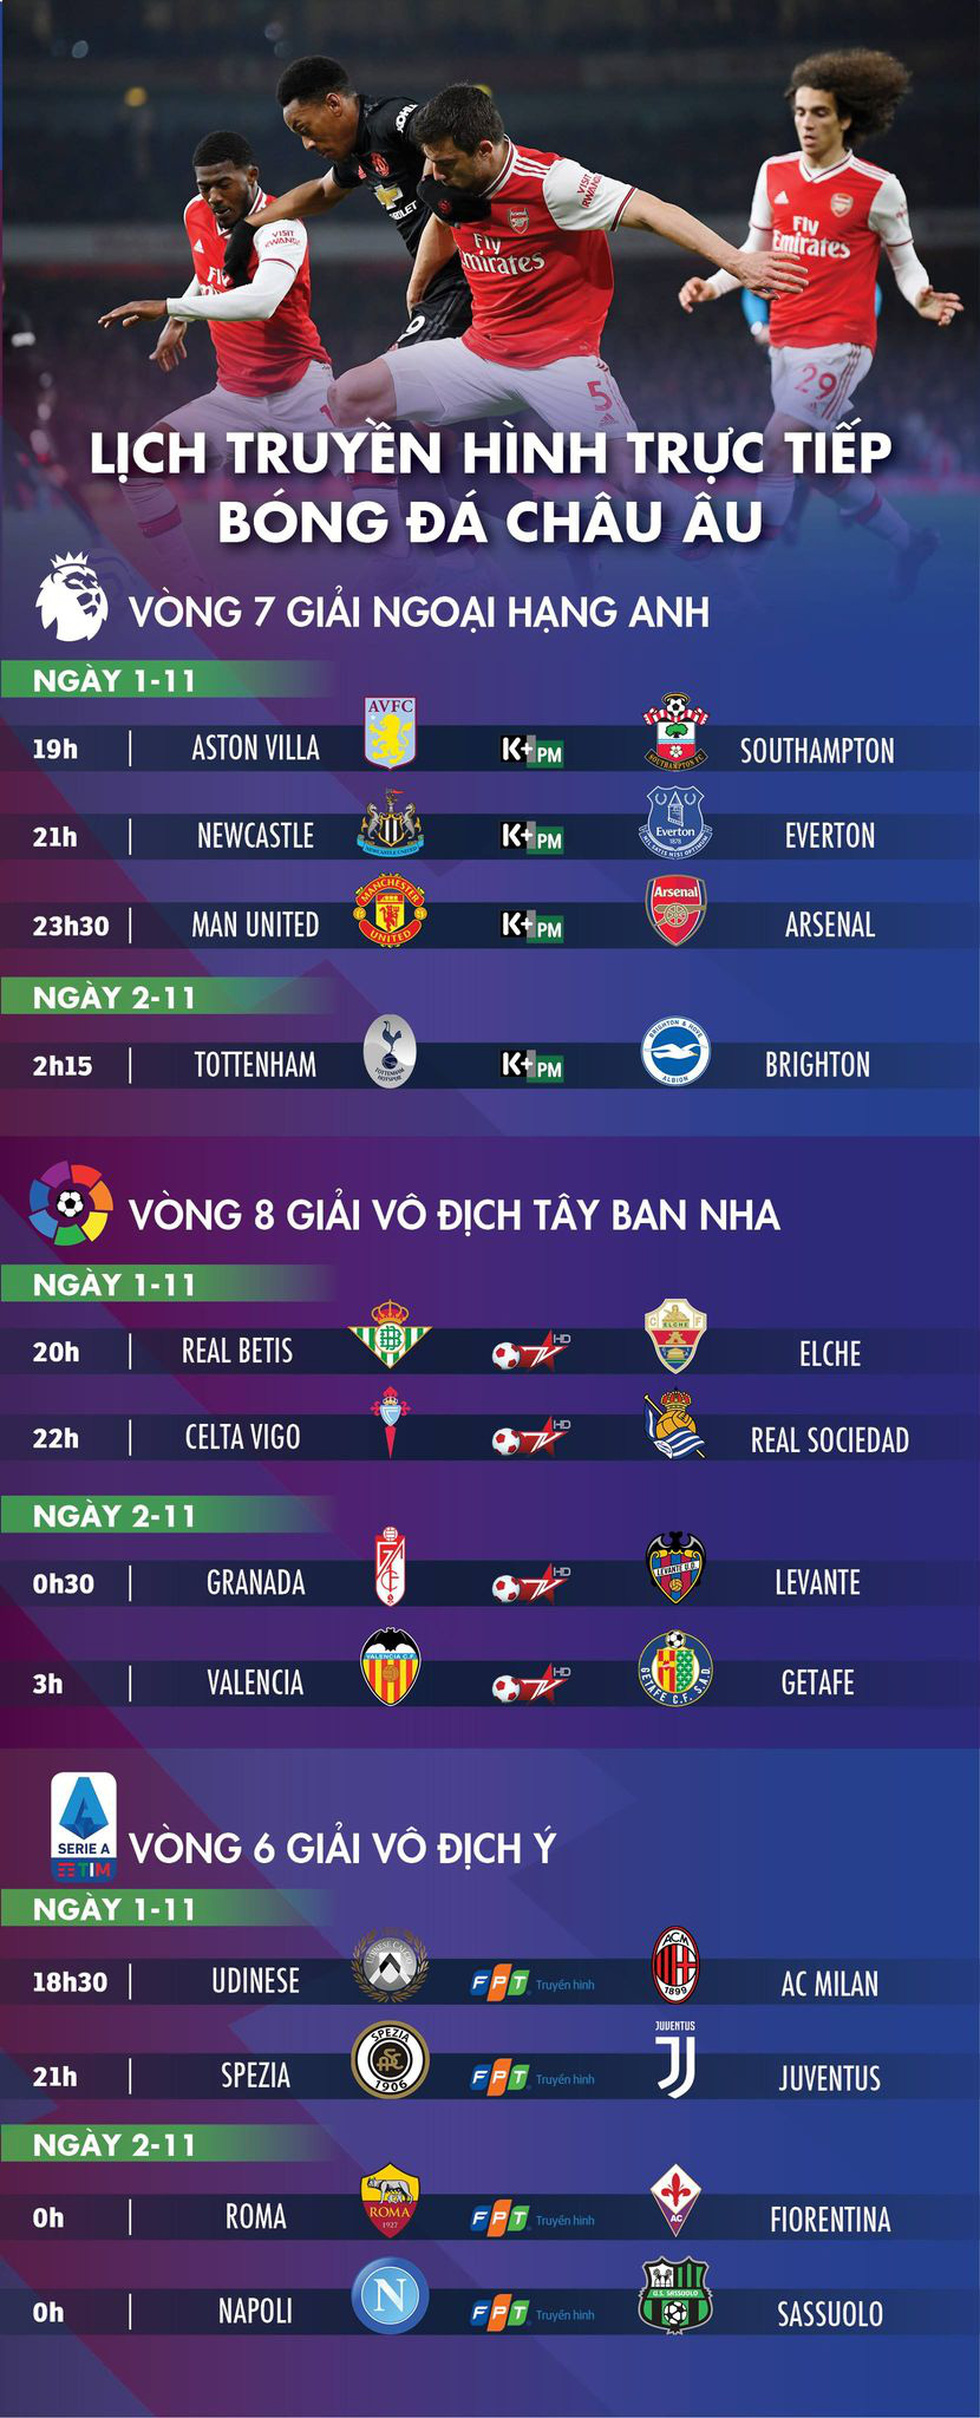 Lịch trực tiếp bóng đá châu Âu 1-11: Man United - Arsenal - Ảnh 1.